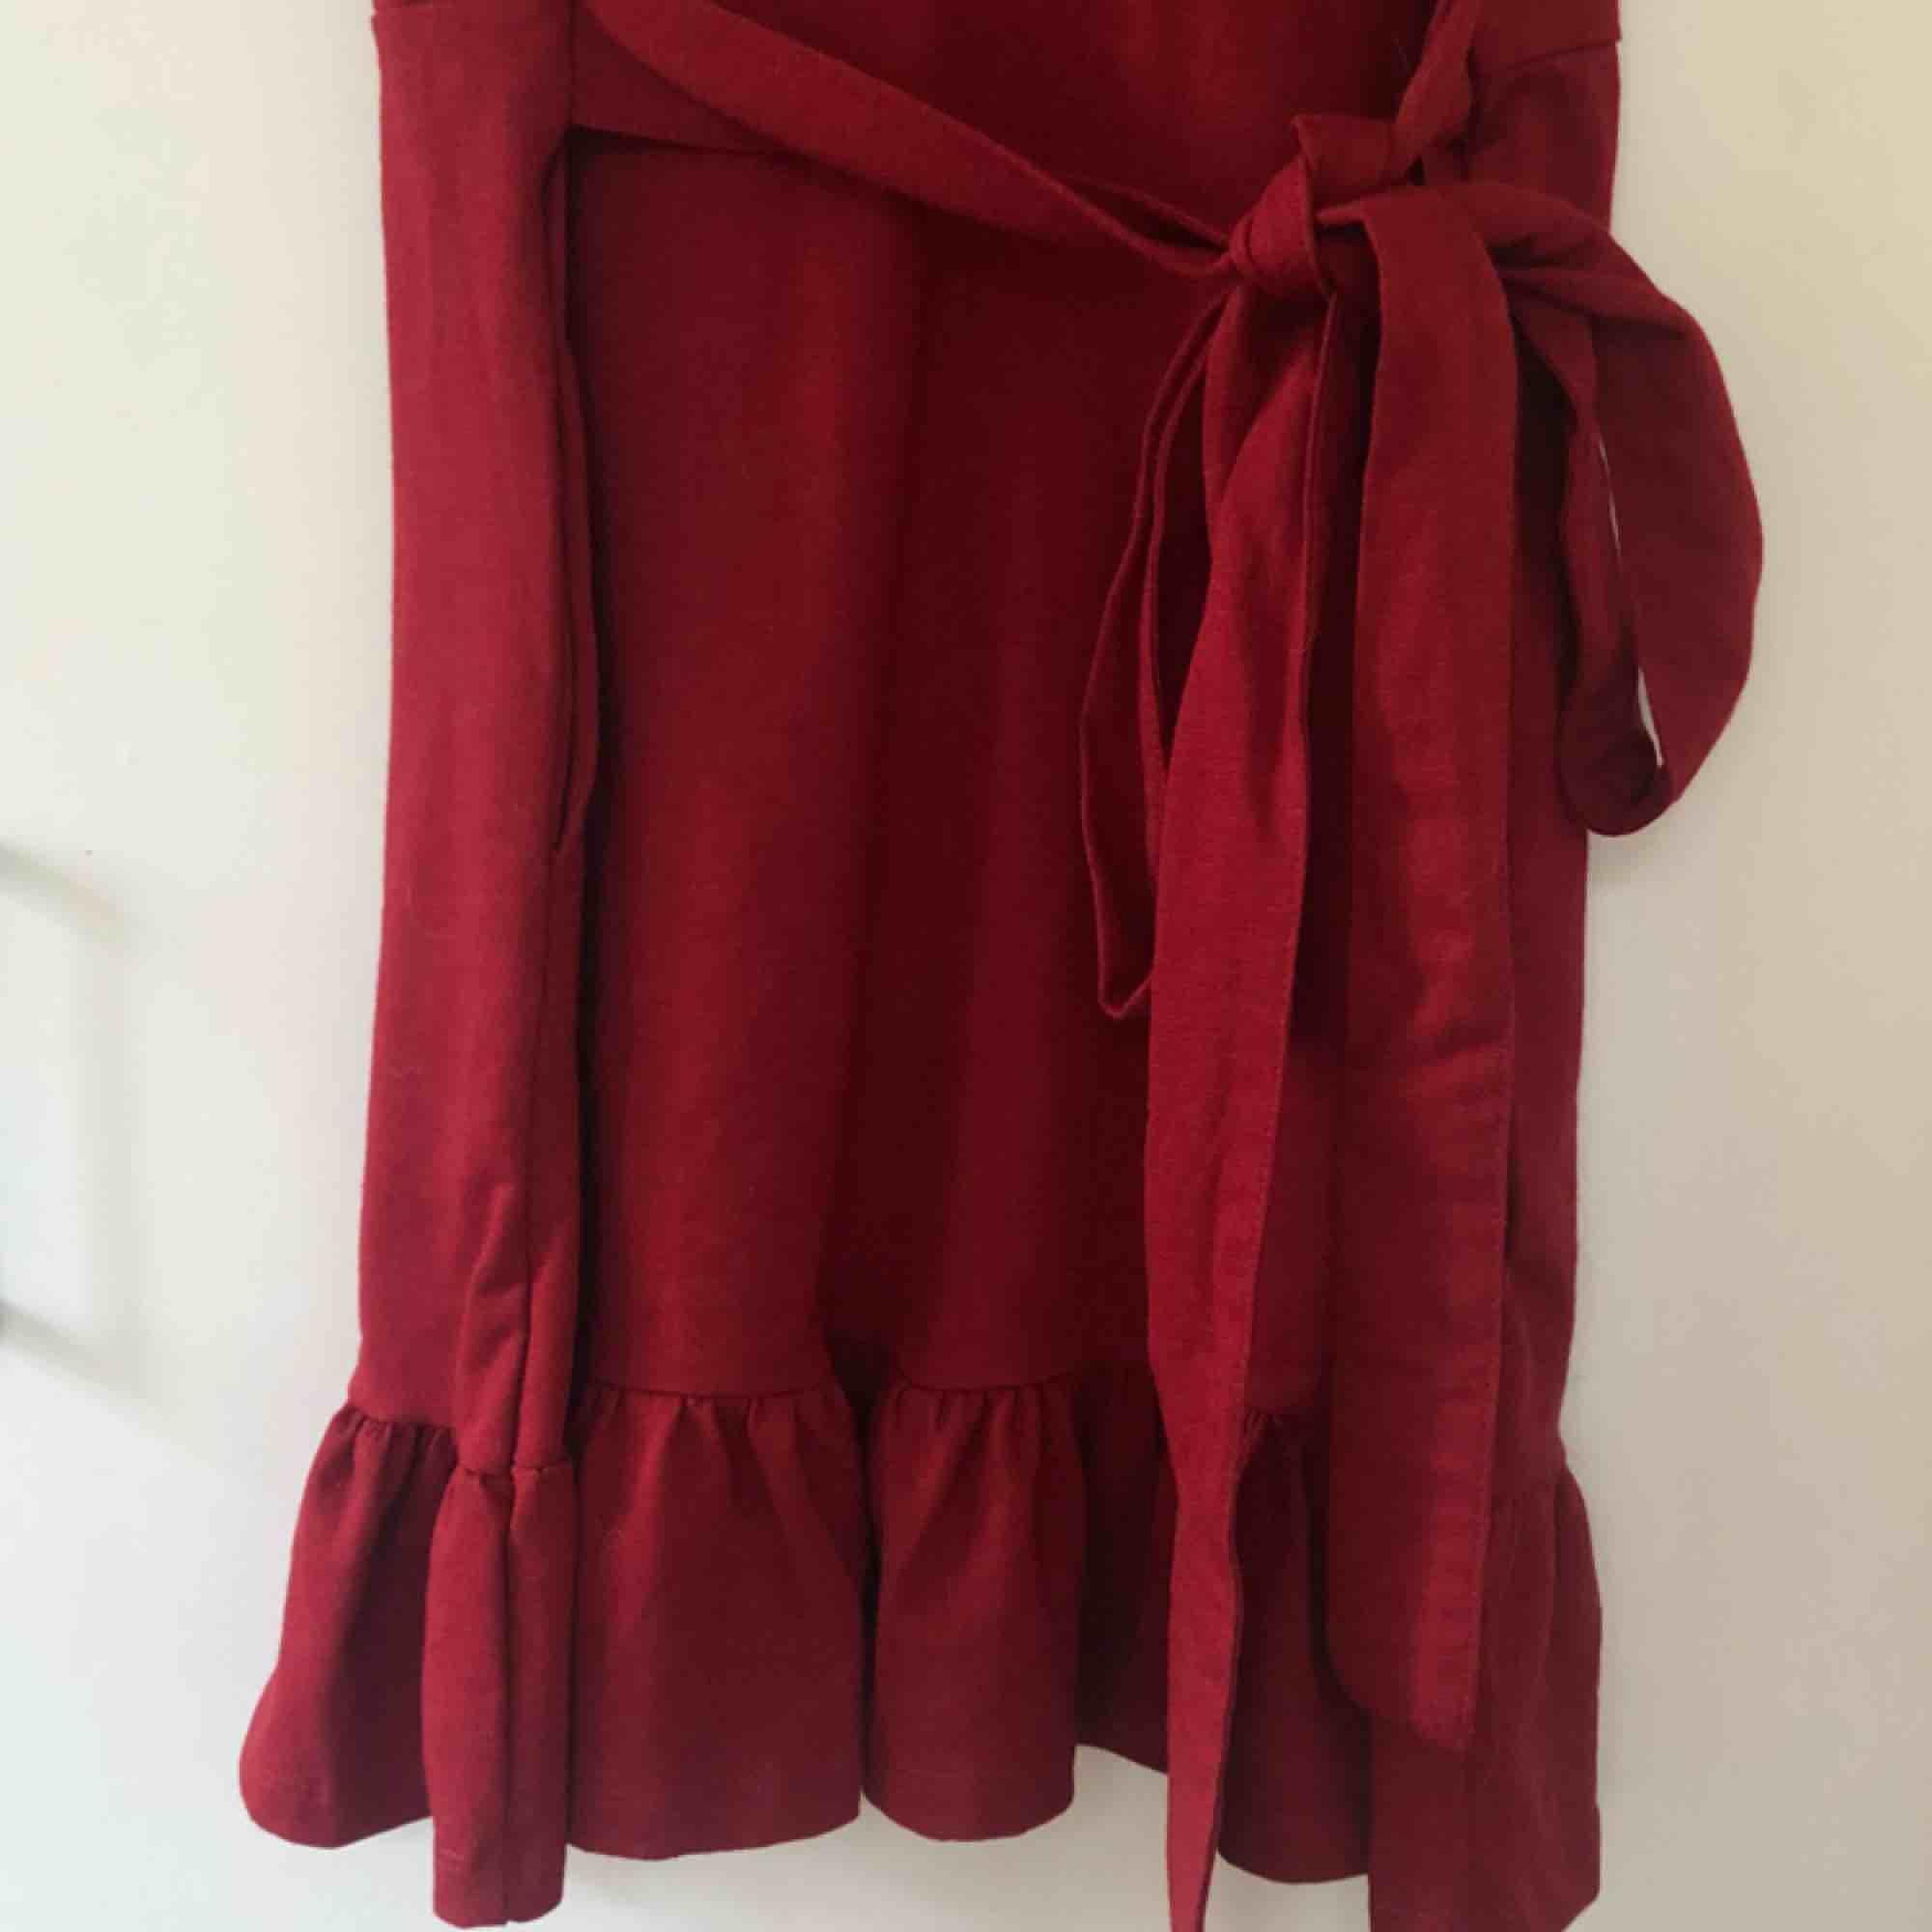 Superfin röd klänning i storlek 38 från HM. Aldrig använd, så väldigt fint skick. Köparen står för frakt. Klänningar.